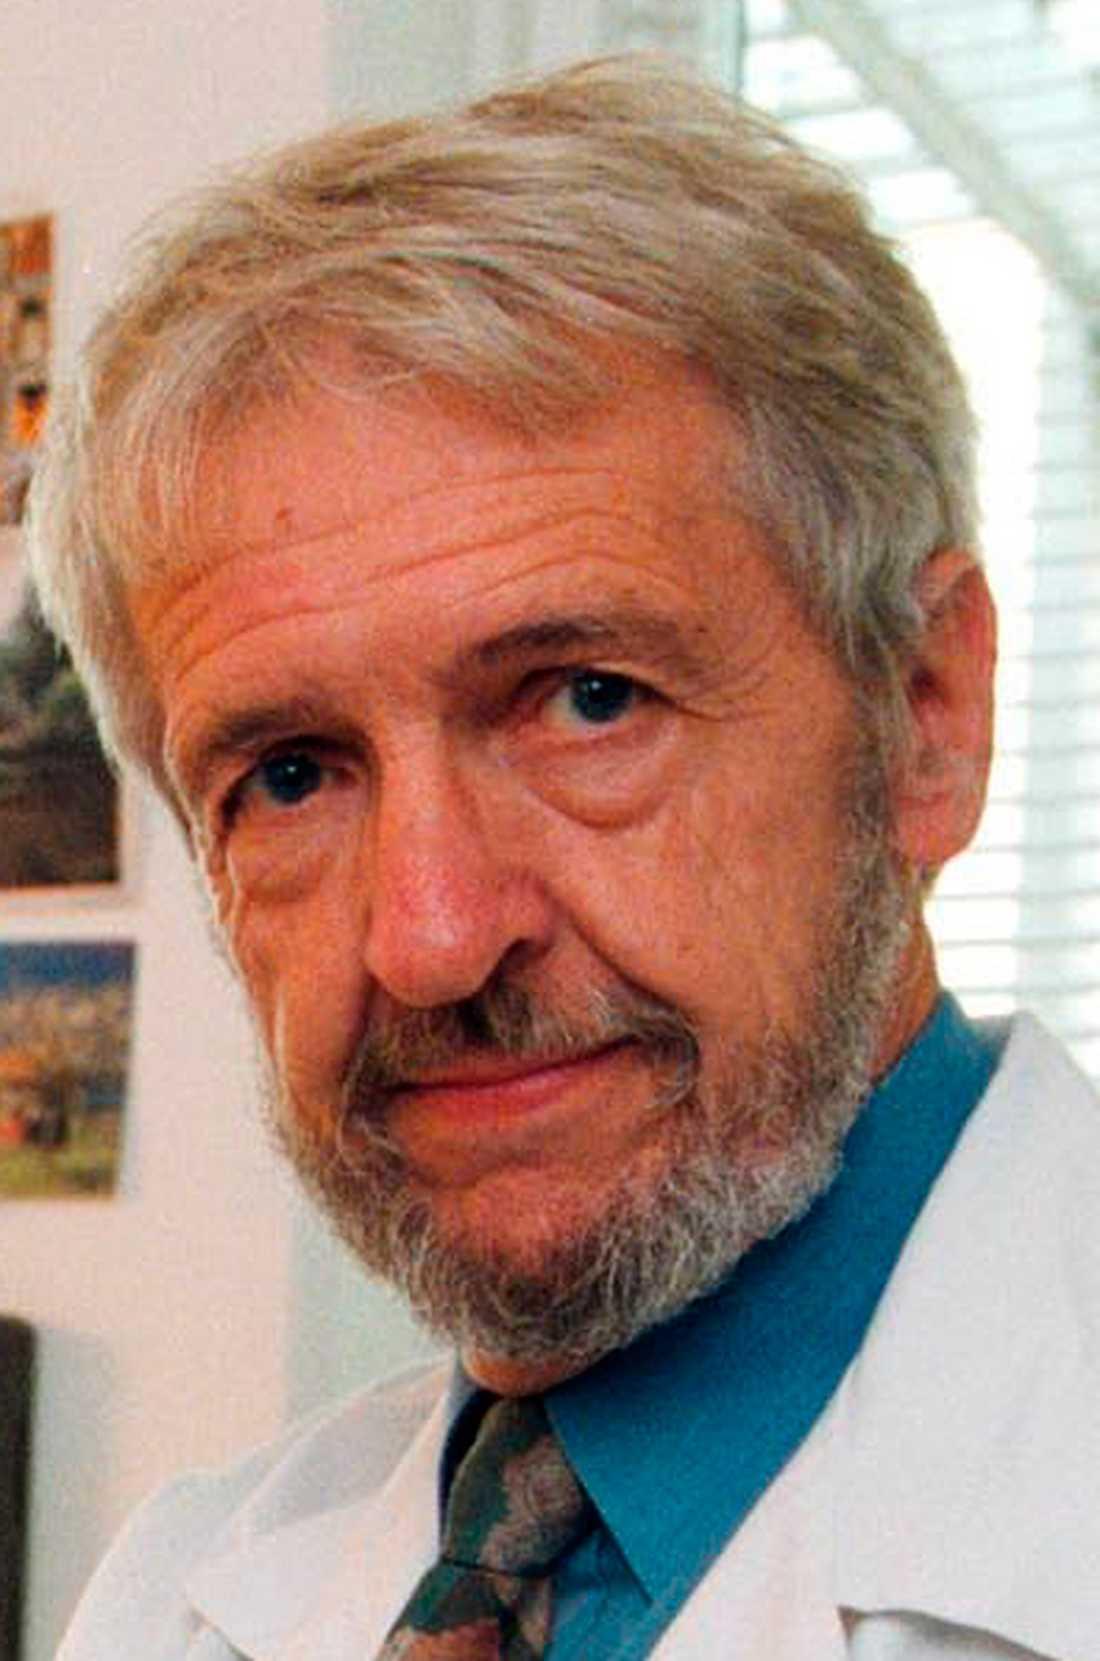 Uffe Ravnskov, docent i medicinska njursjukdomar och medicine doktor.